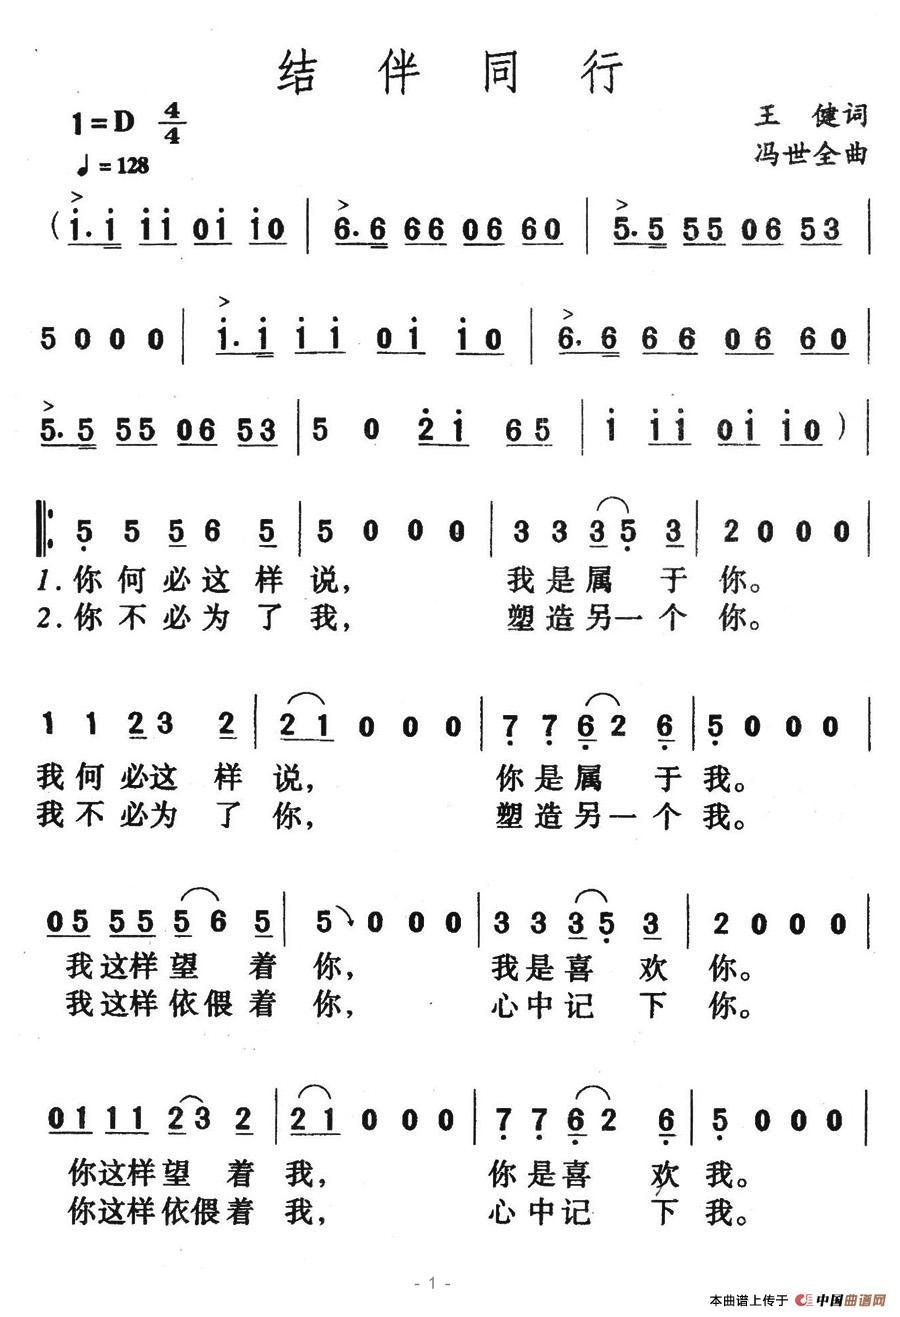 结伴曲谱_钢琴简单曲谱